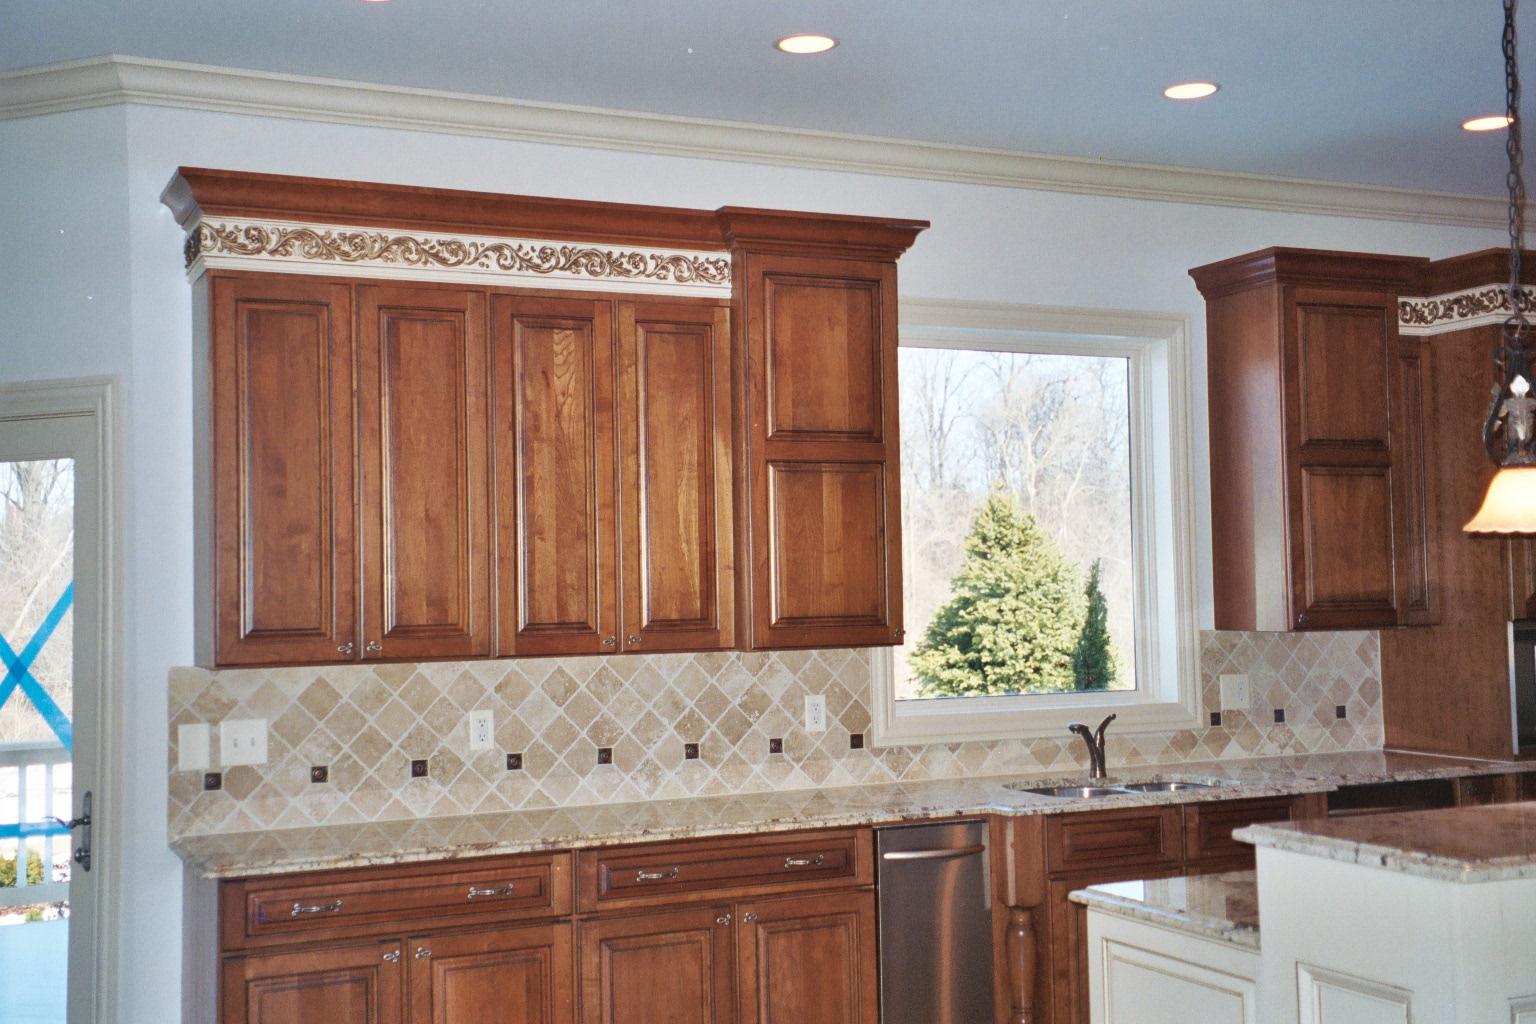 - Where To End Kitchen Backsplash Tiles - BELK Tile